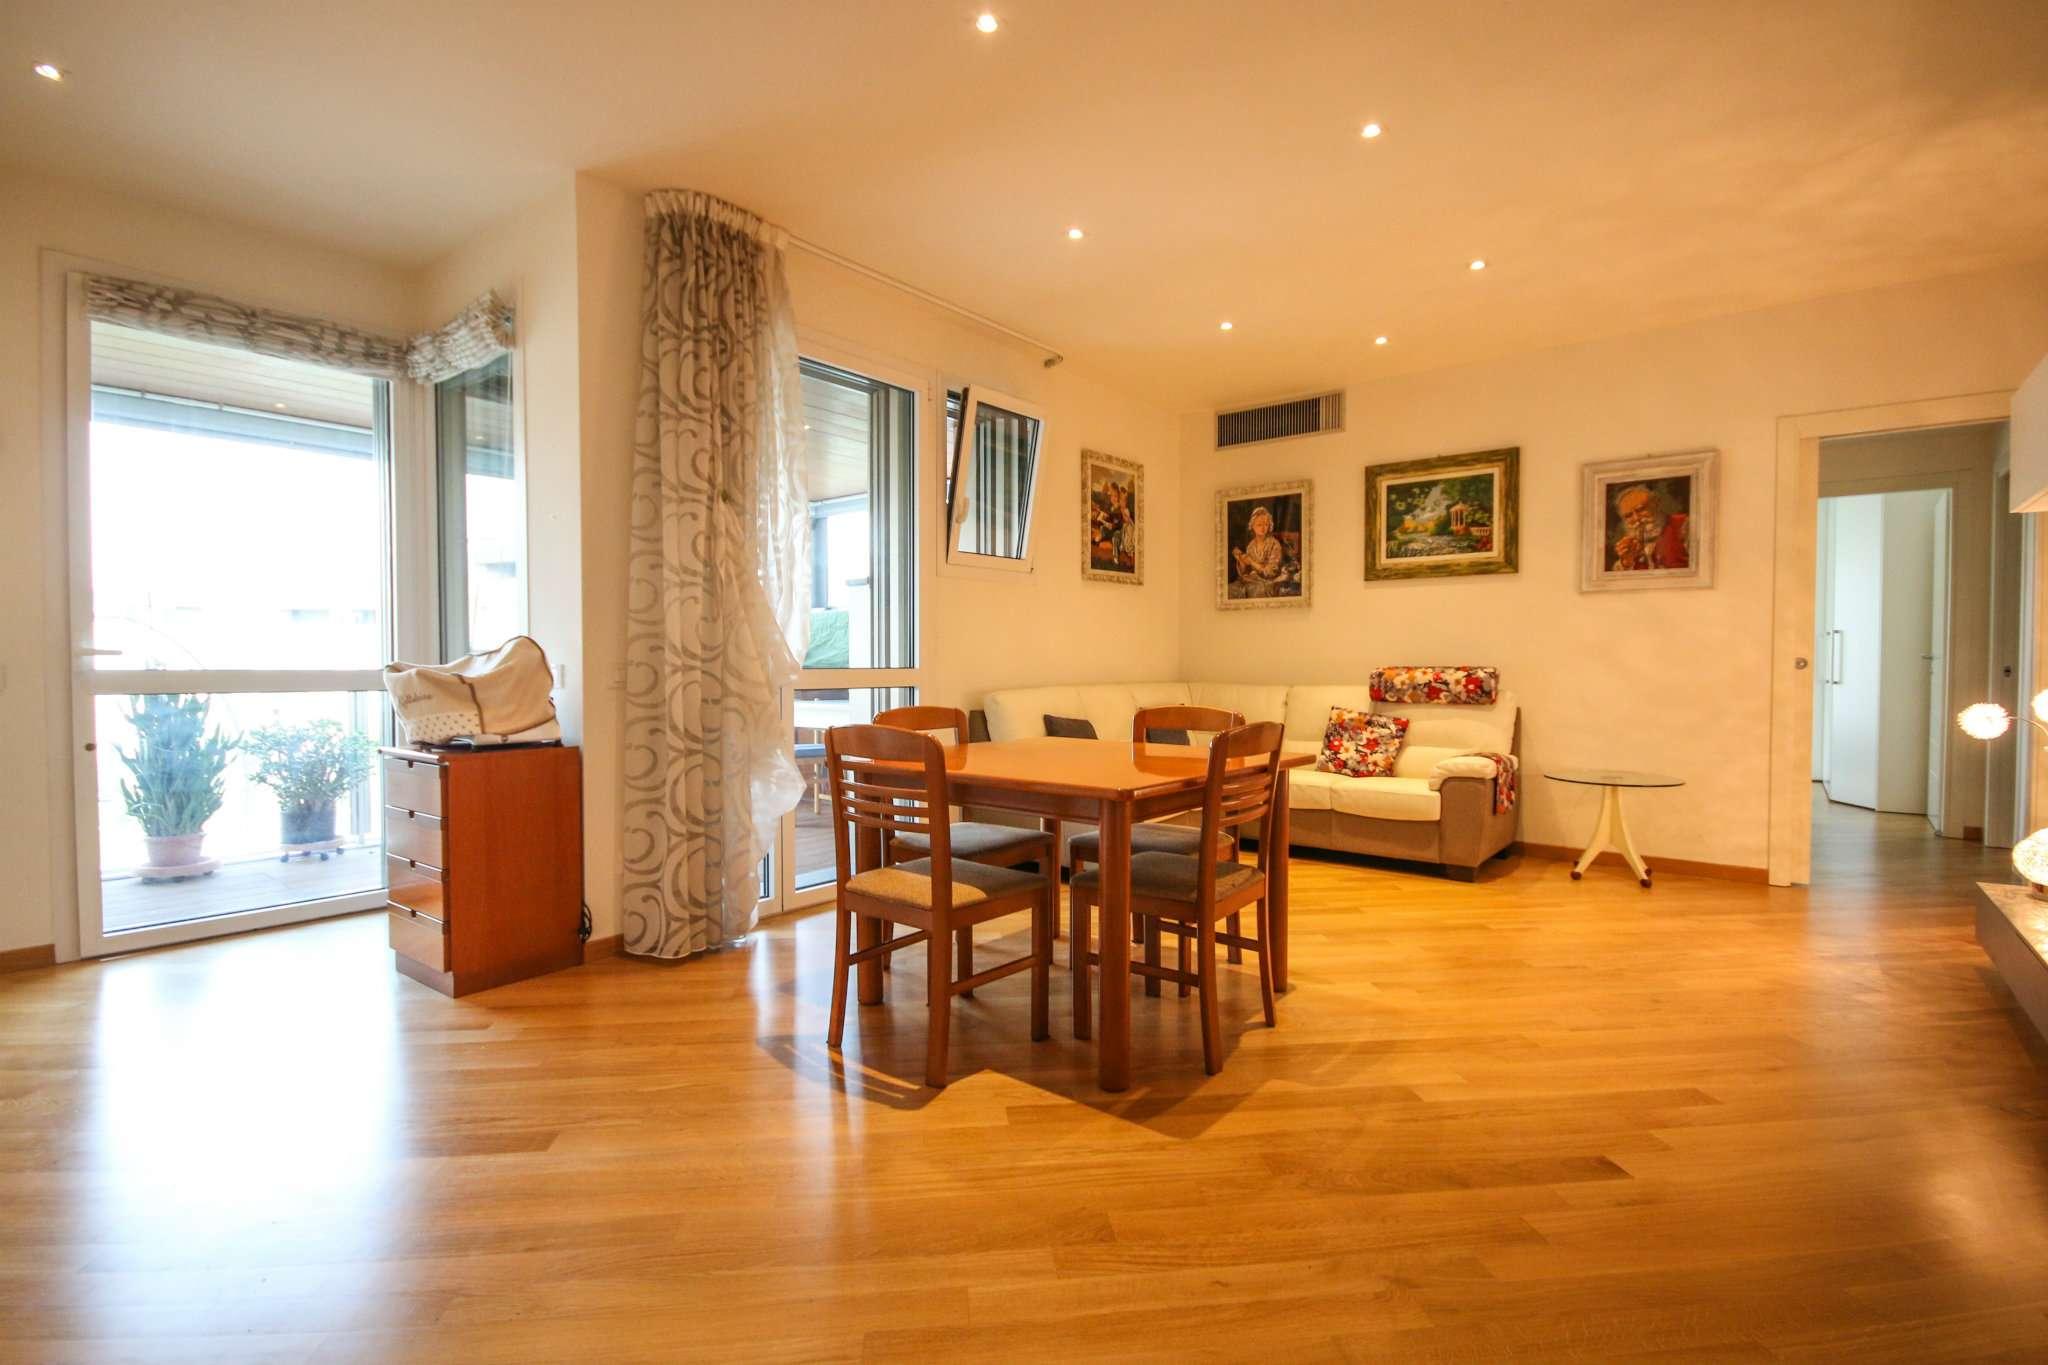 Appartamento in affitto a Casalecchio di Reno, 4 locali, prezzo € 1.200 | Cambio Casa.it